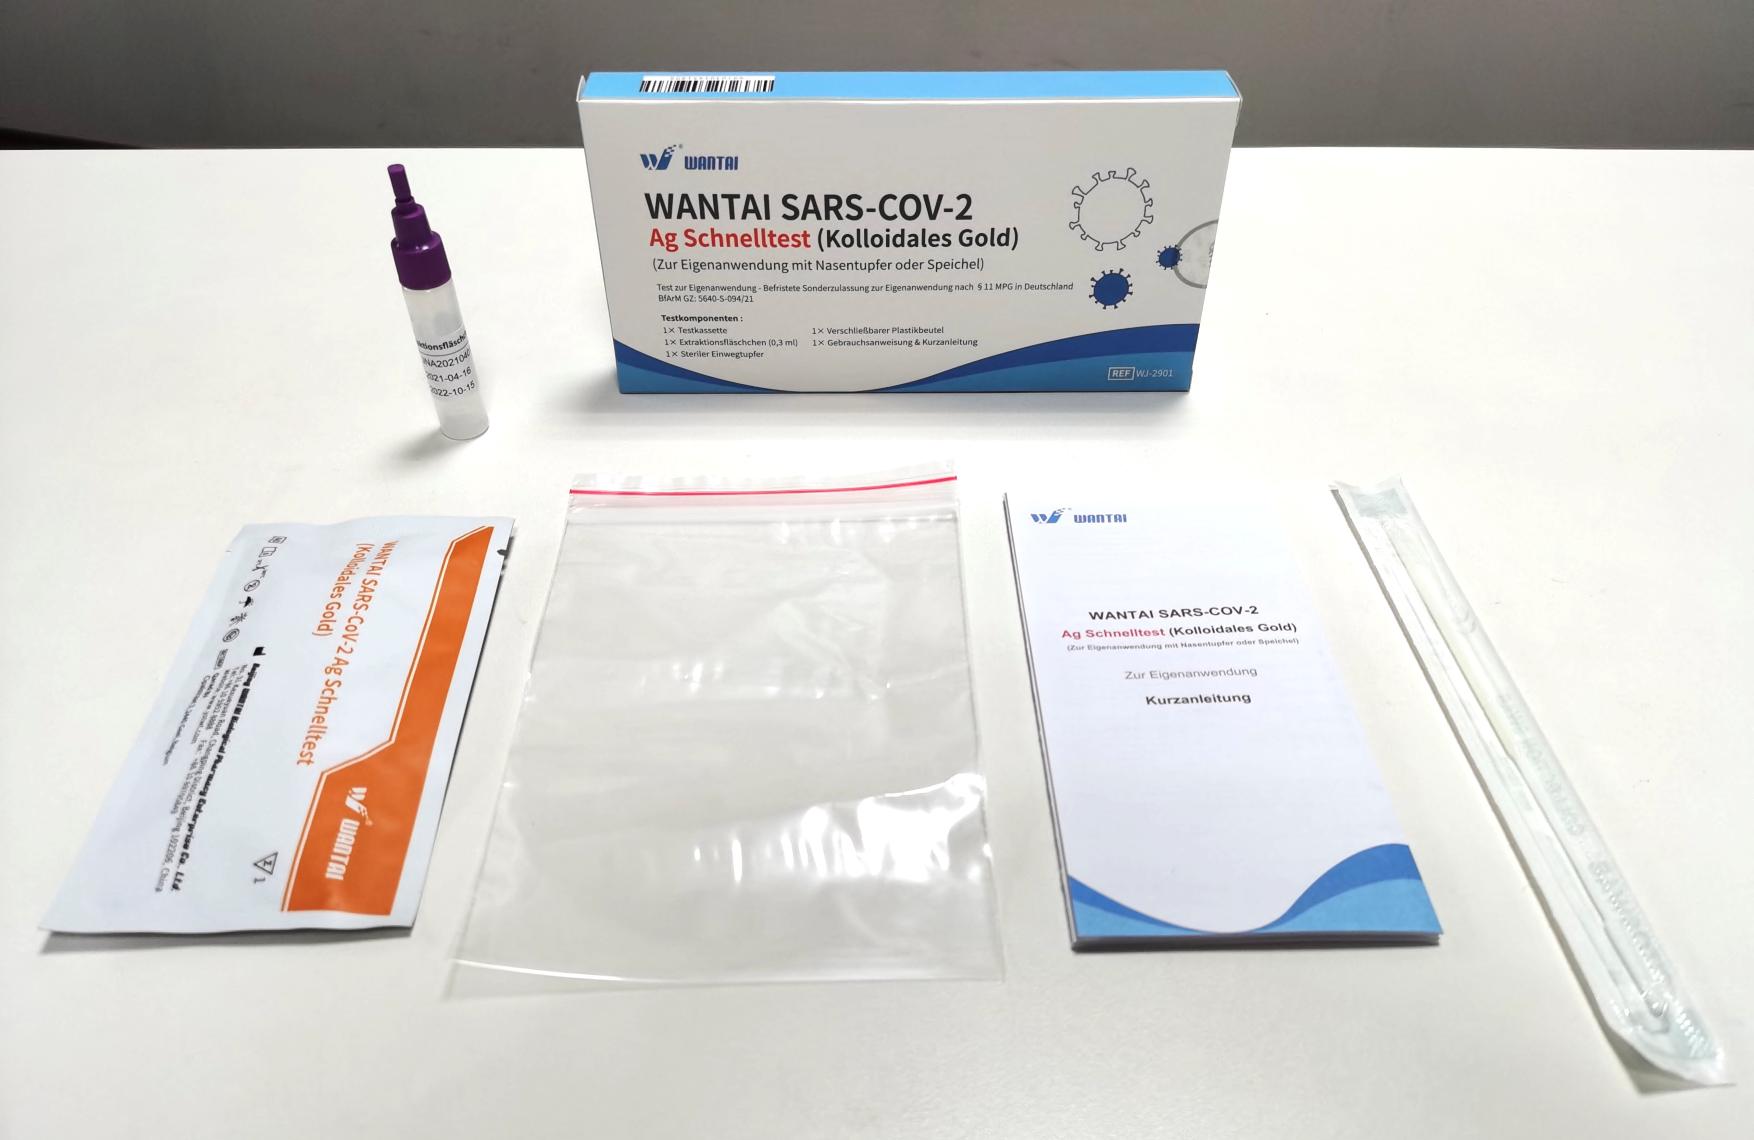 Wantai SARS-CoV-2 Antigen Laientest Speichel/Nasal (1er Packung)